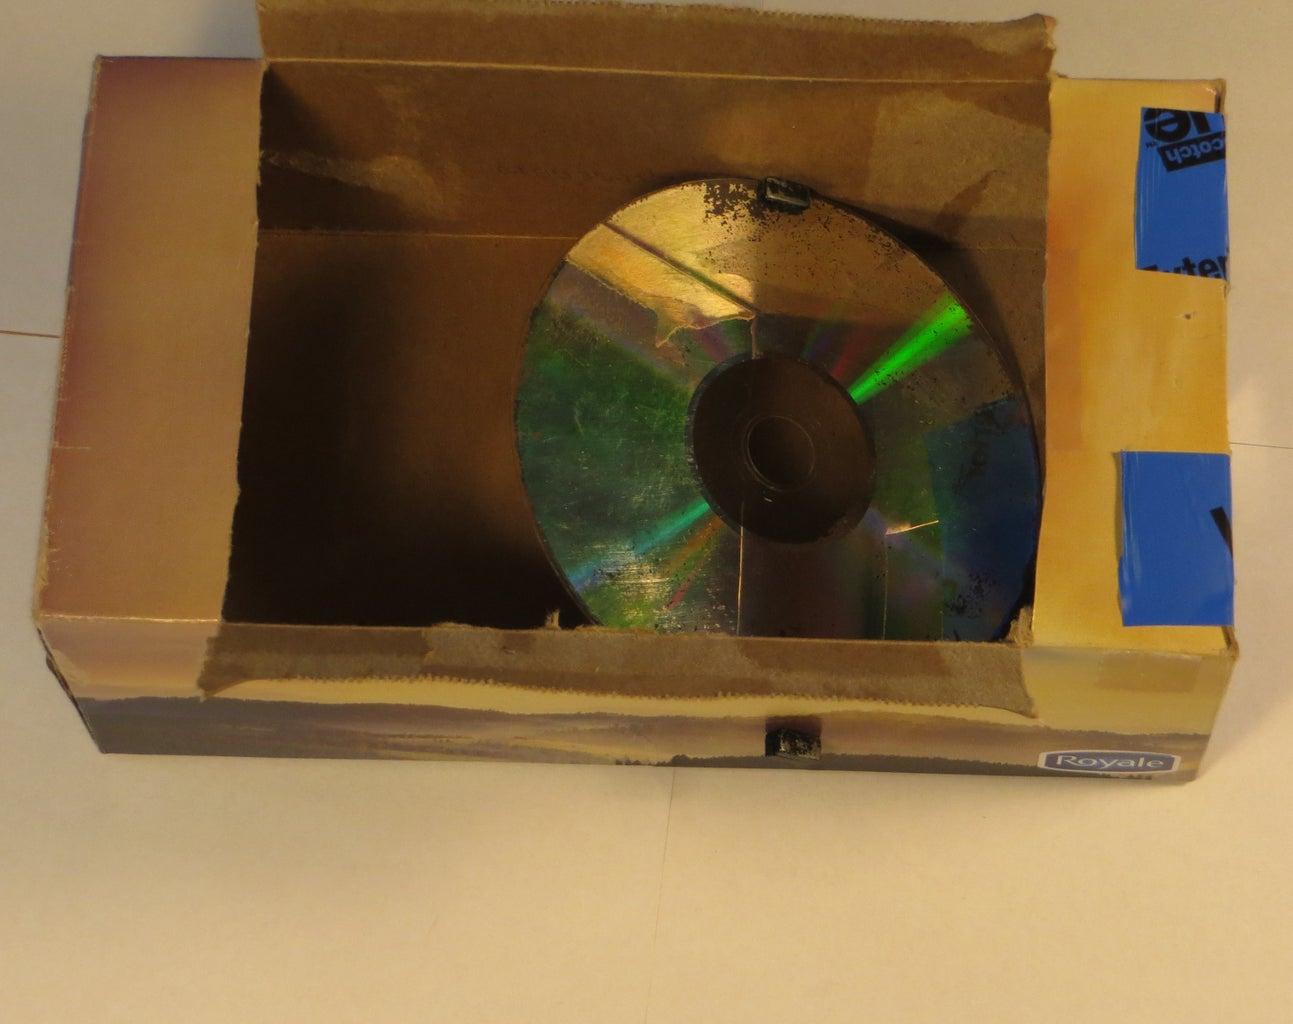 DVD Angle Adjustment